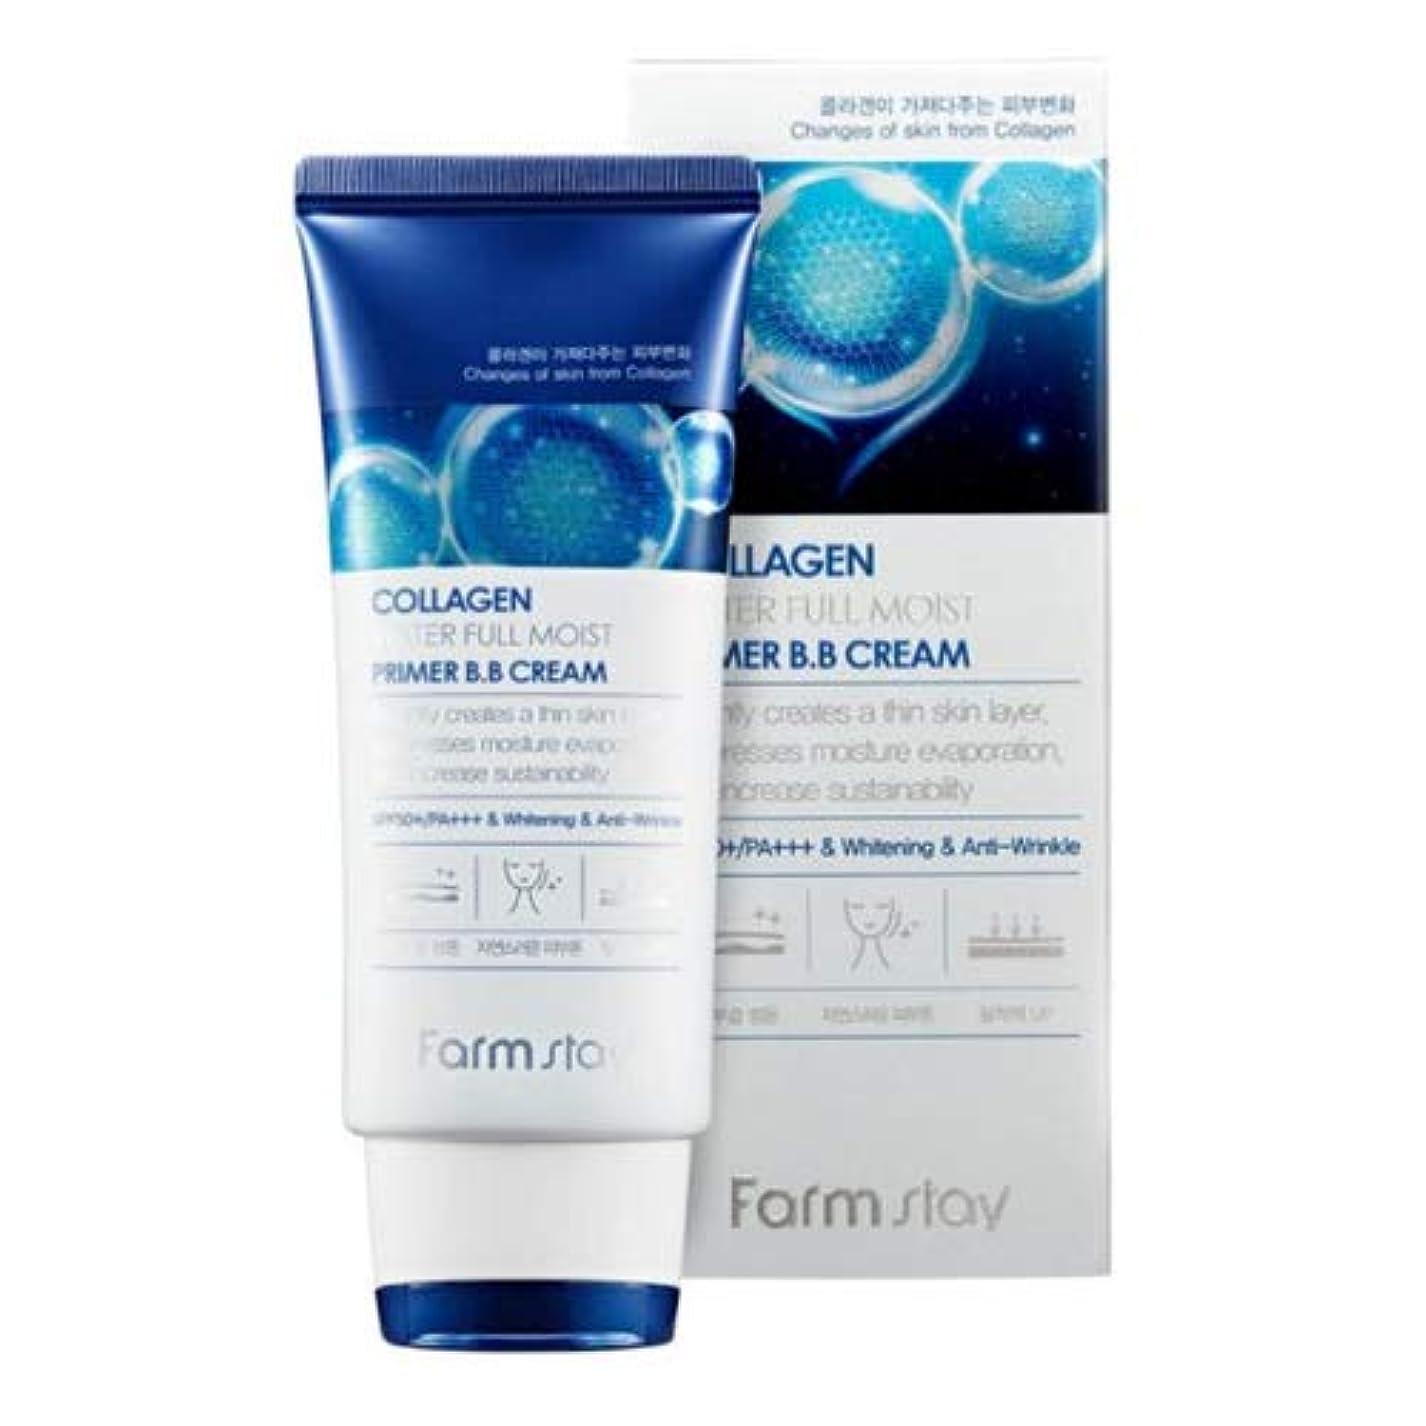 誰でも東方カジュアルFarmstay Collagen Water Full Moist Primer BB Cream コラーゲンウォーターフルモイストプライマーBBクリーム50g SPF50+/PA+++ [並行輸入品]